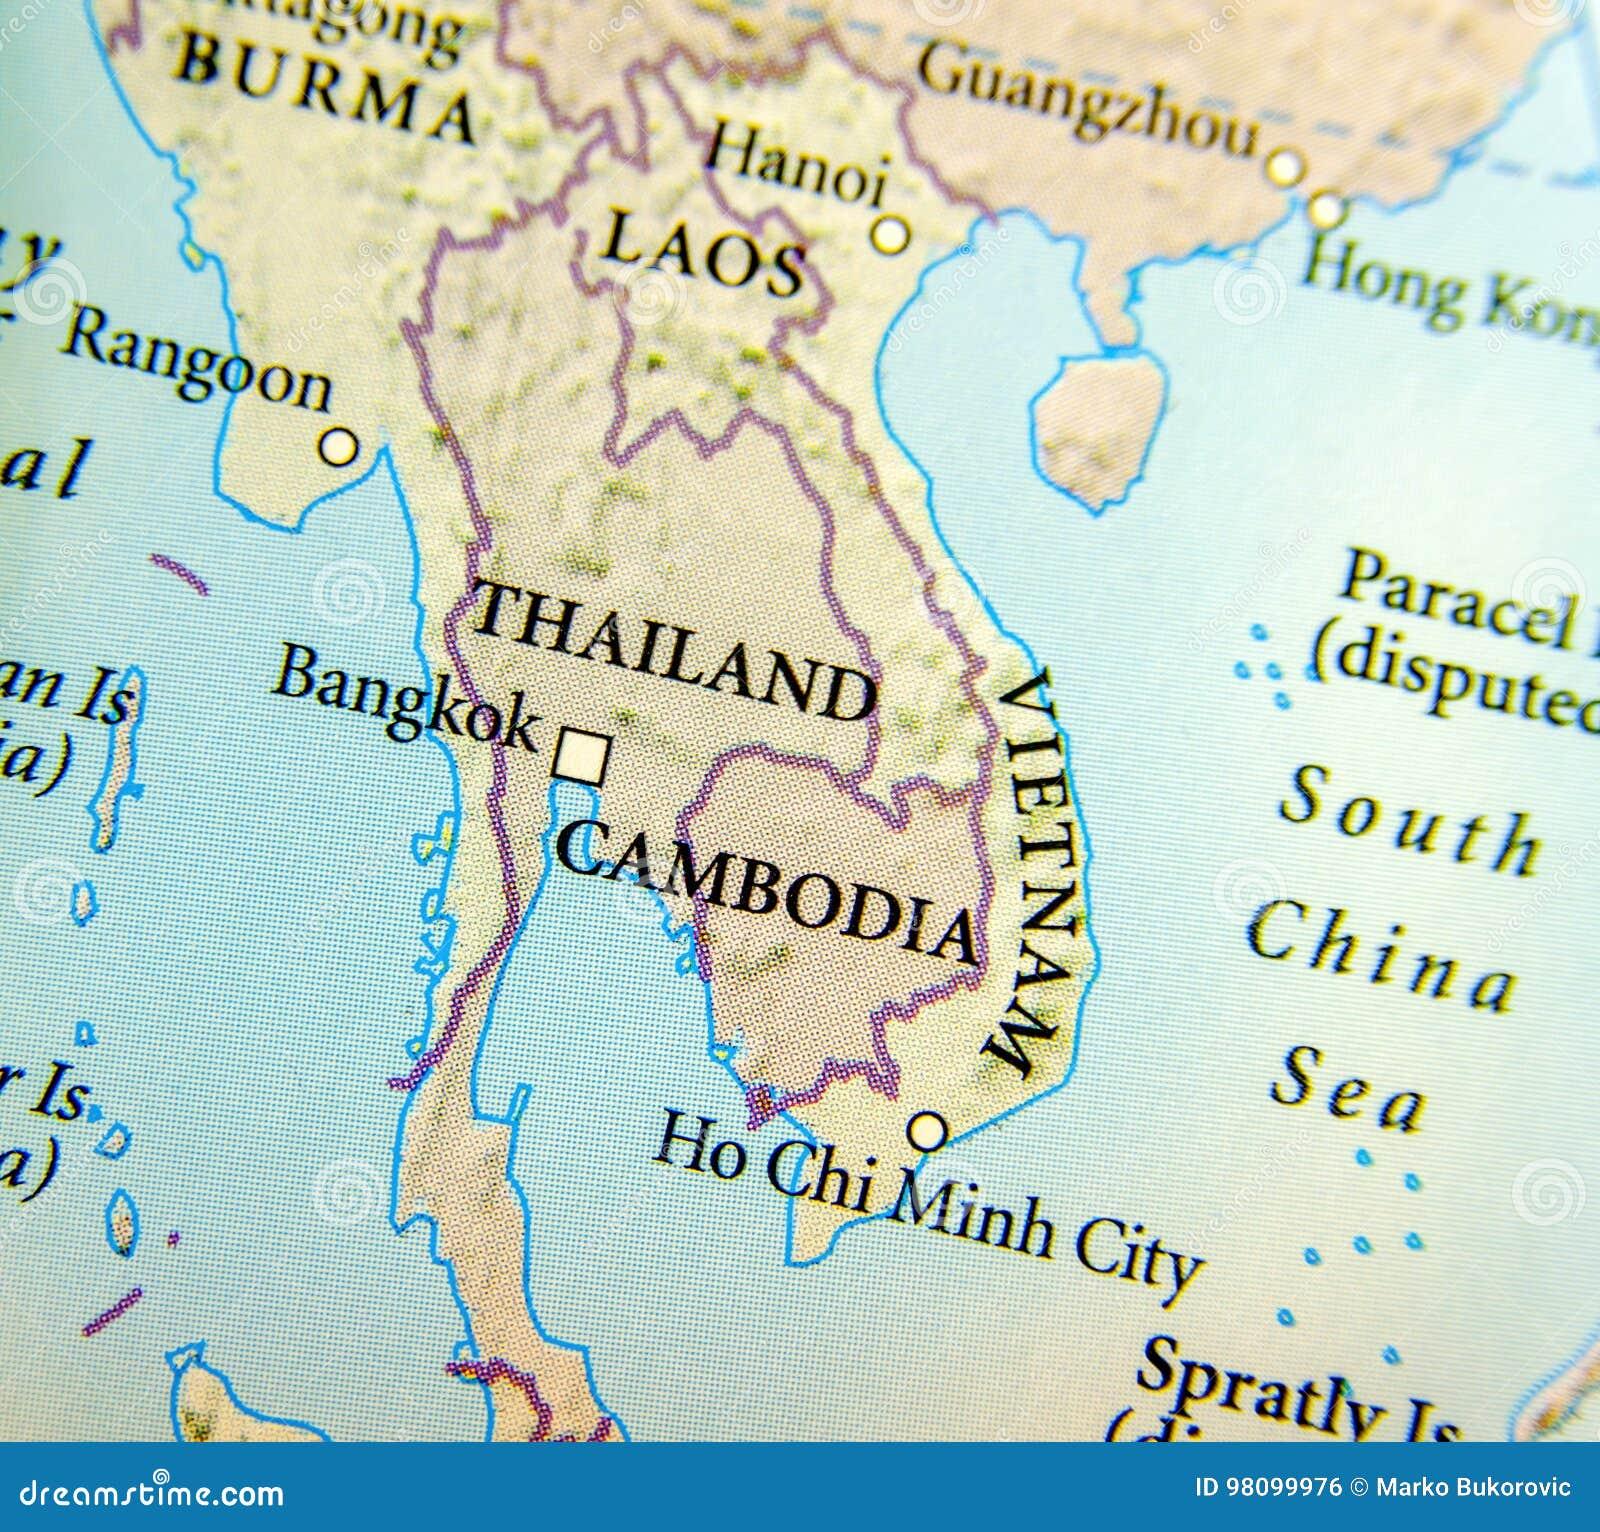 Kambodscha Karte.Geographische Karte Von Thailand Birma Kambodscha